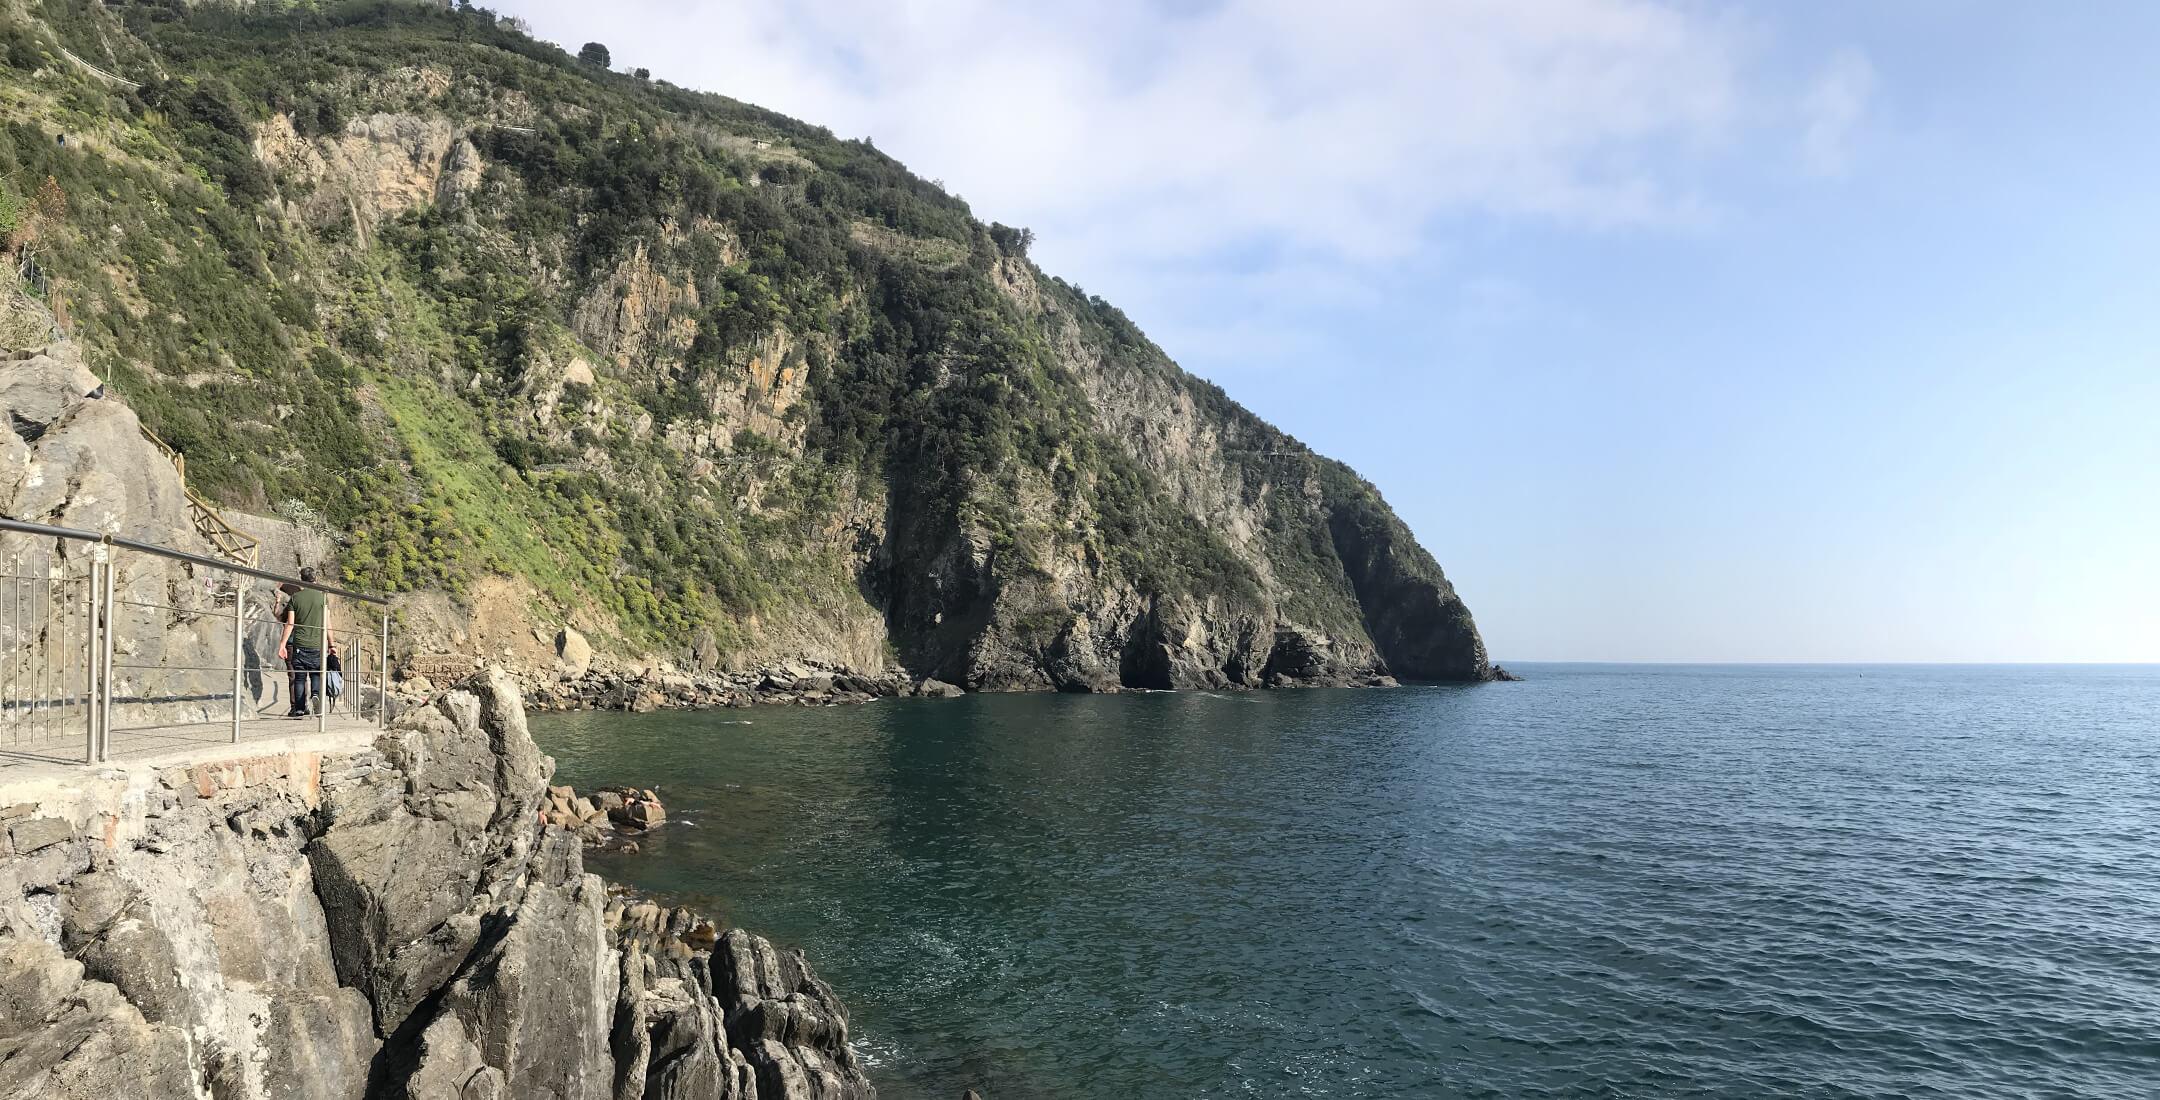 Punta Montenero